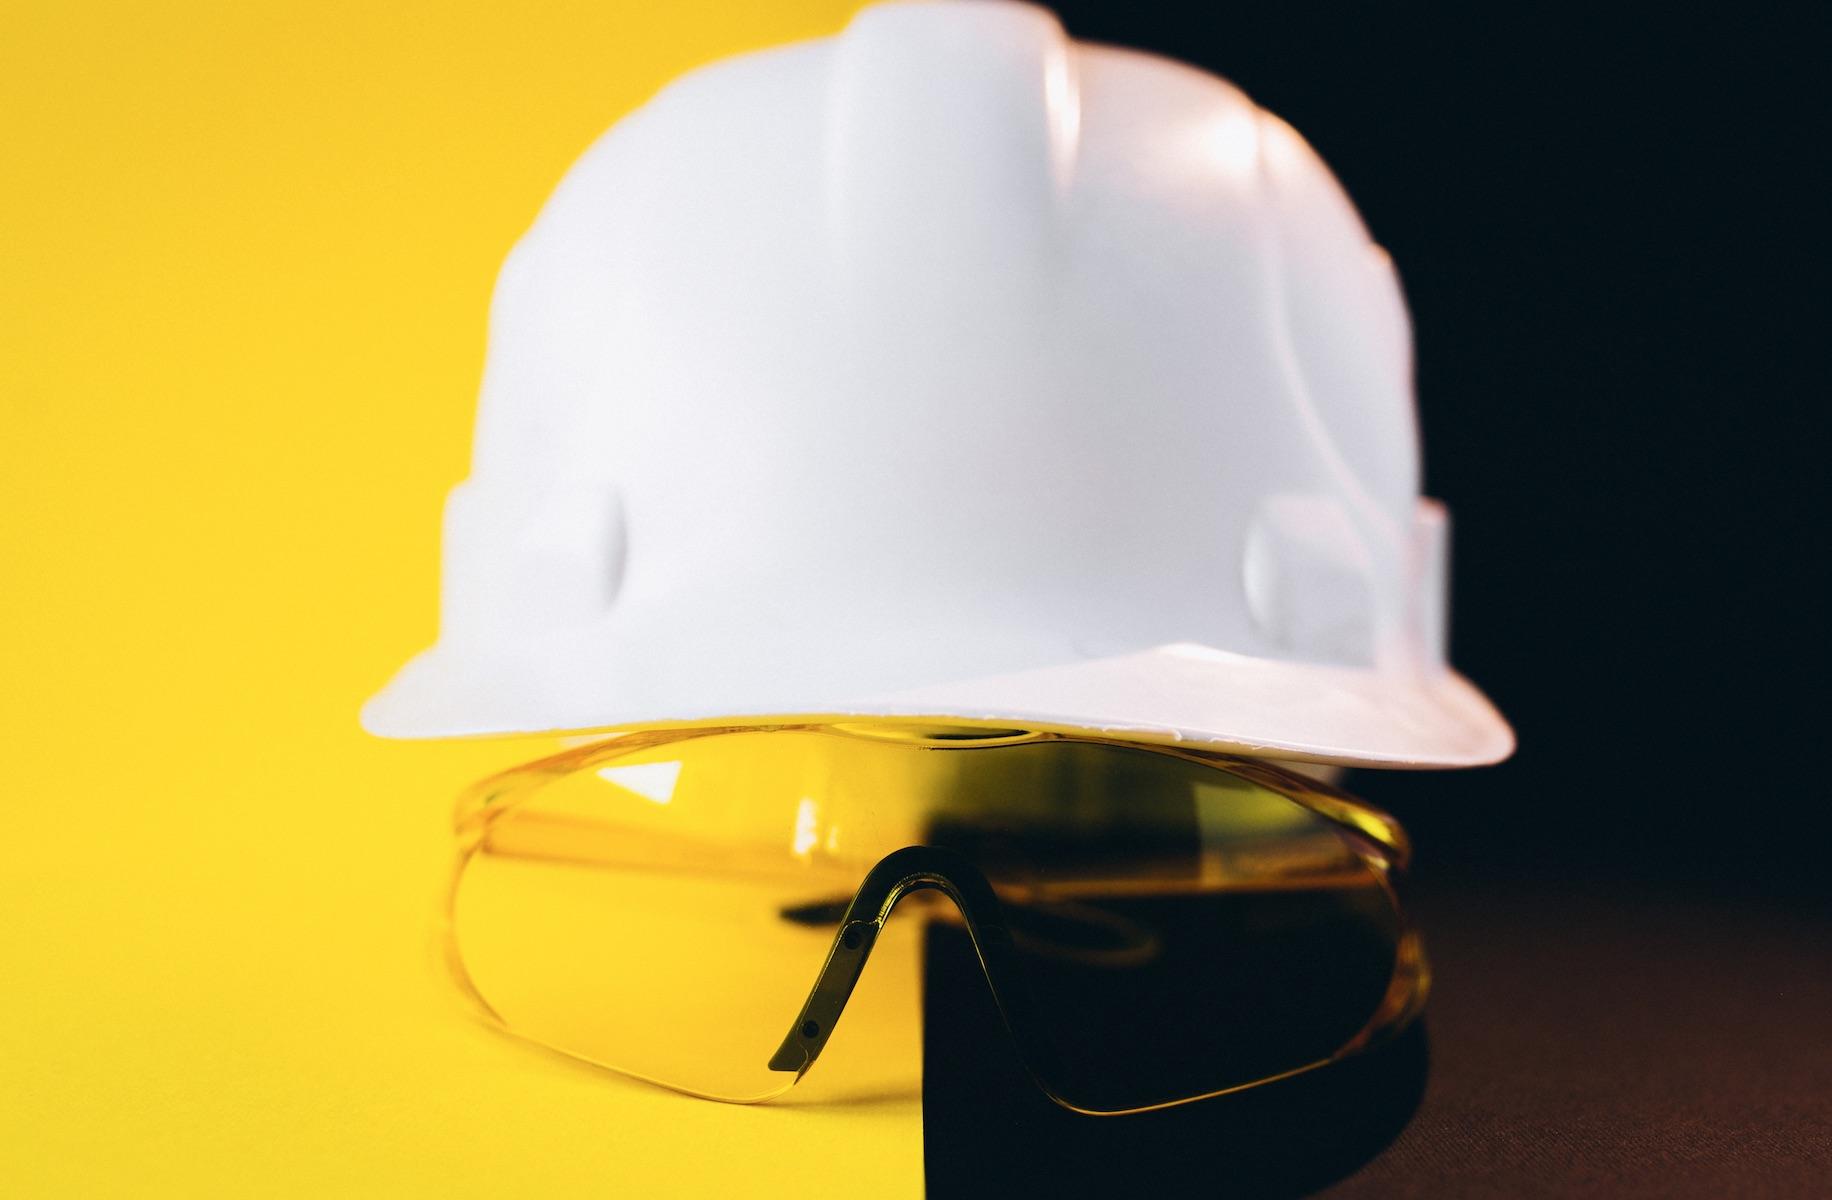 İşçinin İş Sözleşmesini Haklı Nedenle Derhal Feshi Hakkında Genel Bilgiler